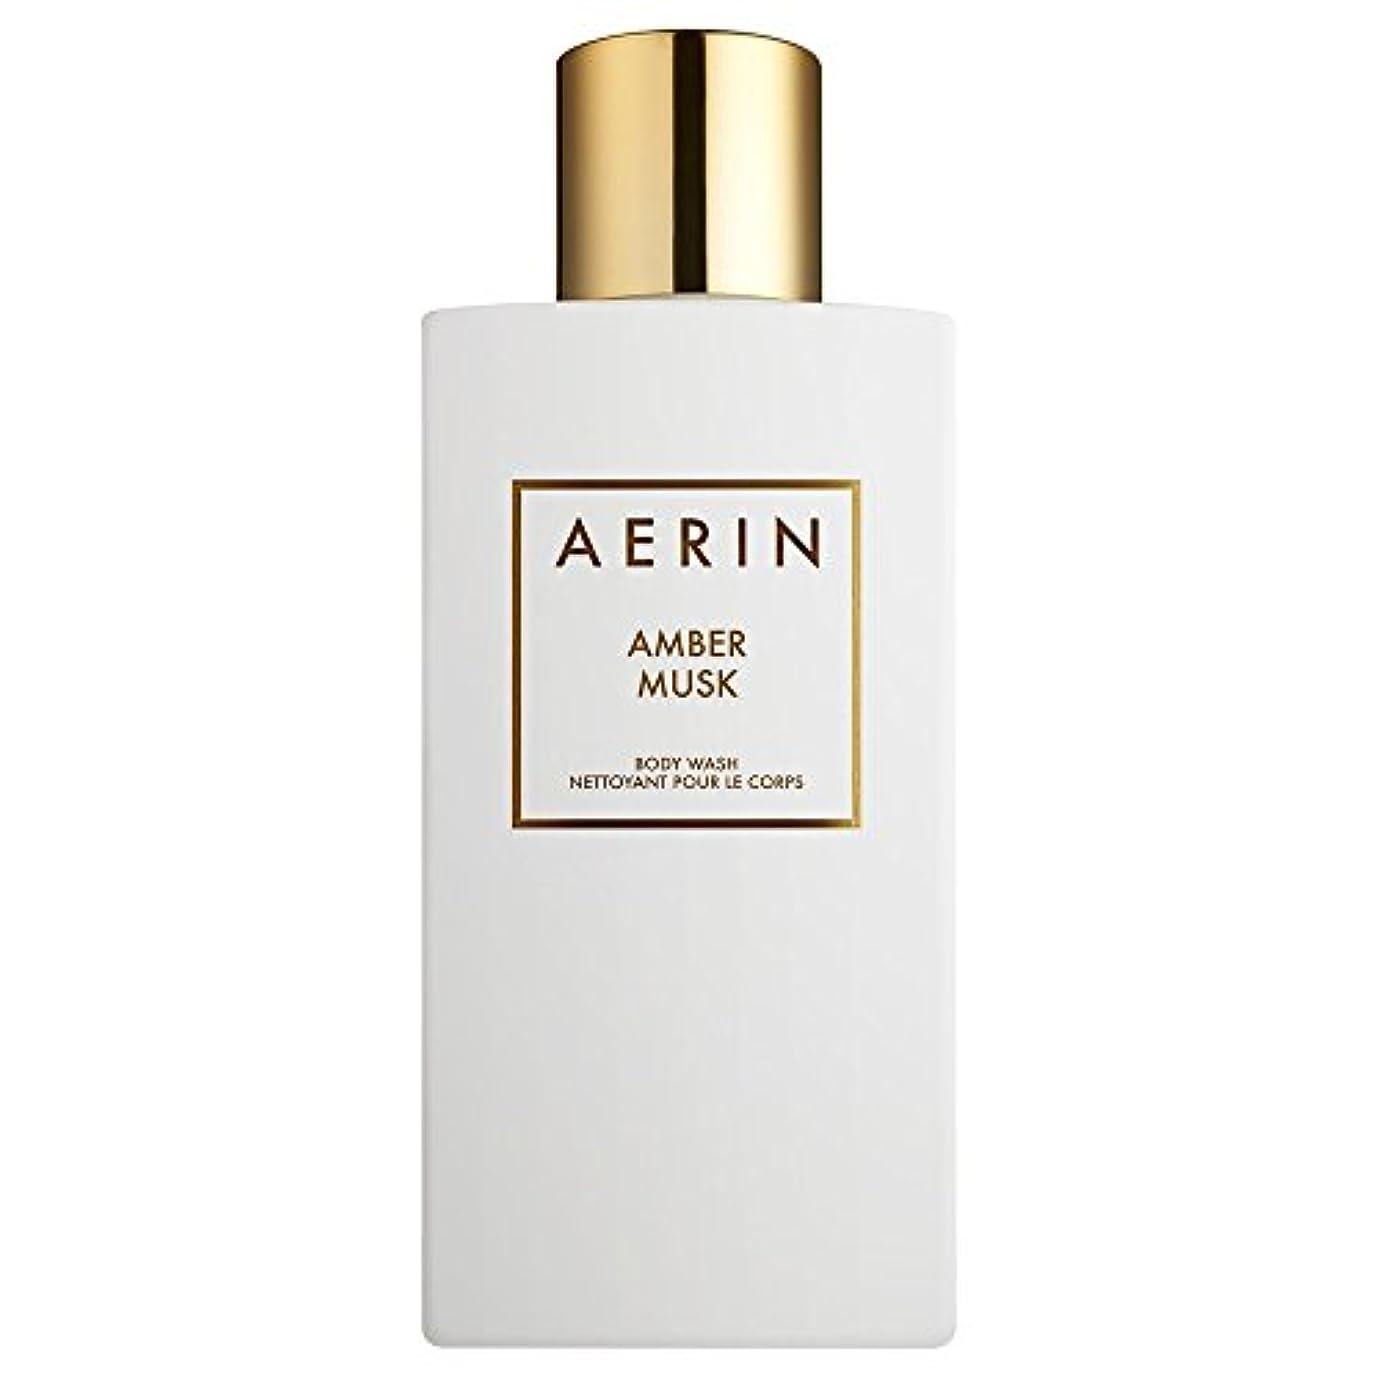 金曜日十分地元Aerinアンバームスクボディウォッシュ225ミリリットル (AERIN) - AERIN Amber Musk Bodywash 225ml [並行輸入品]